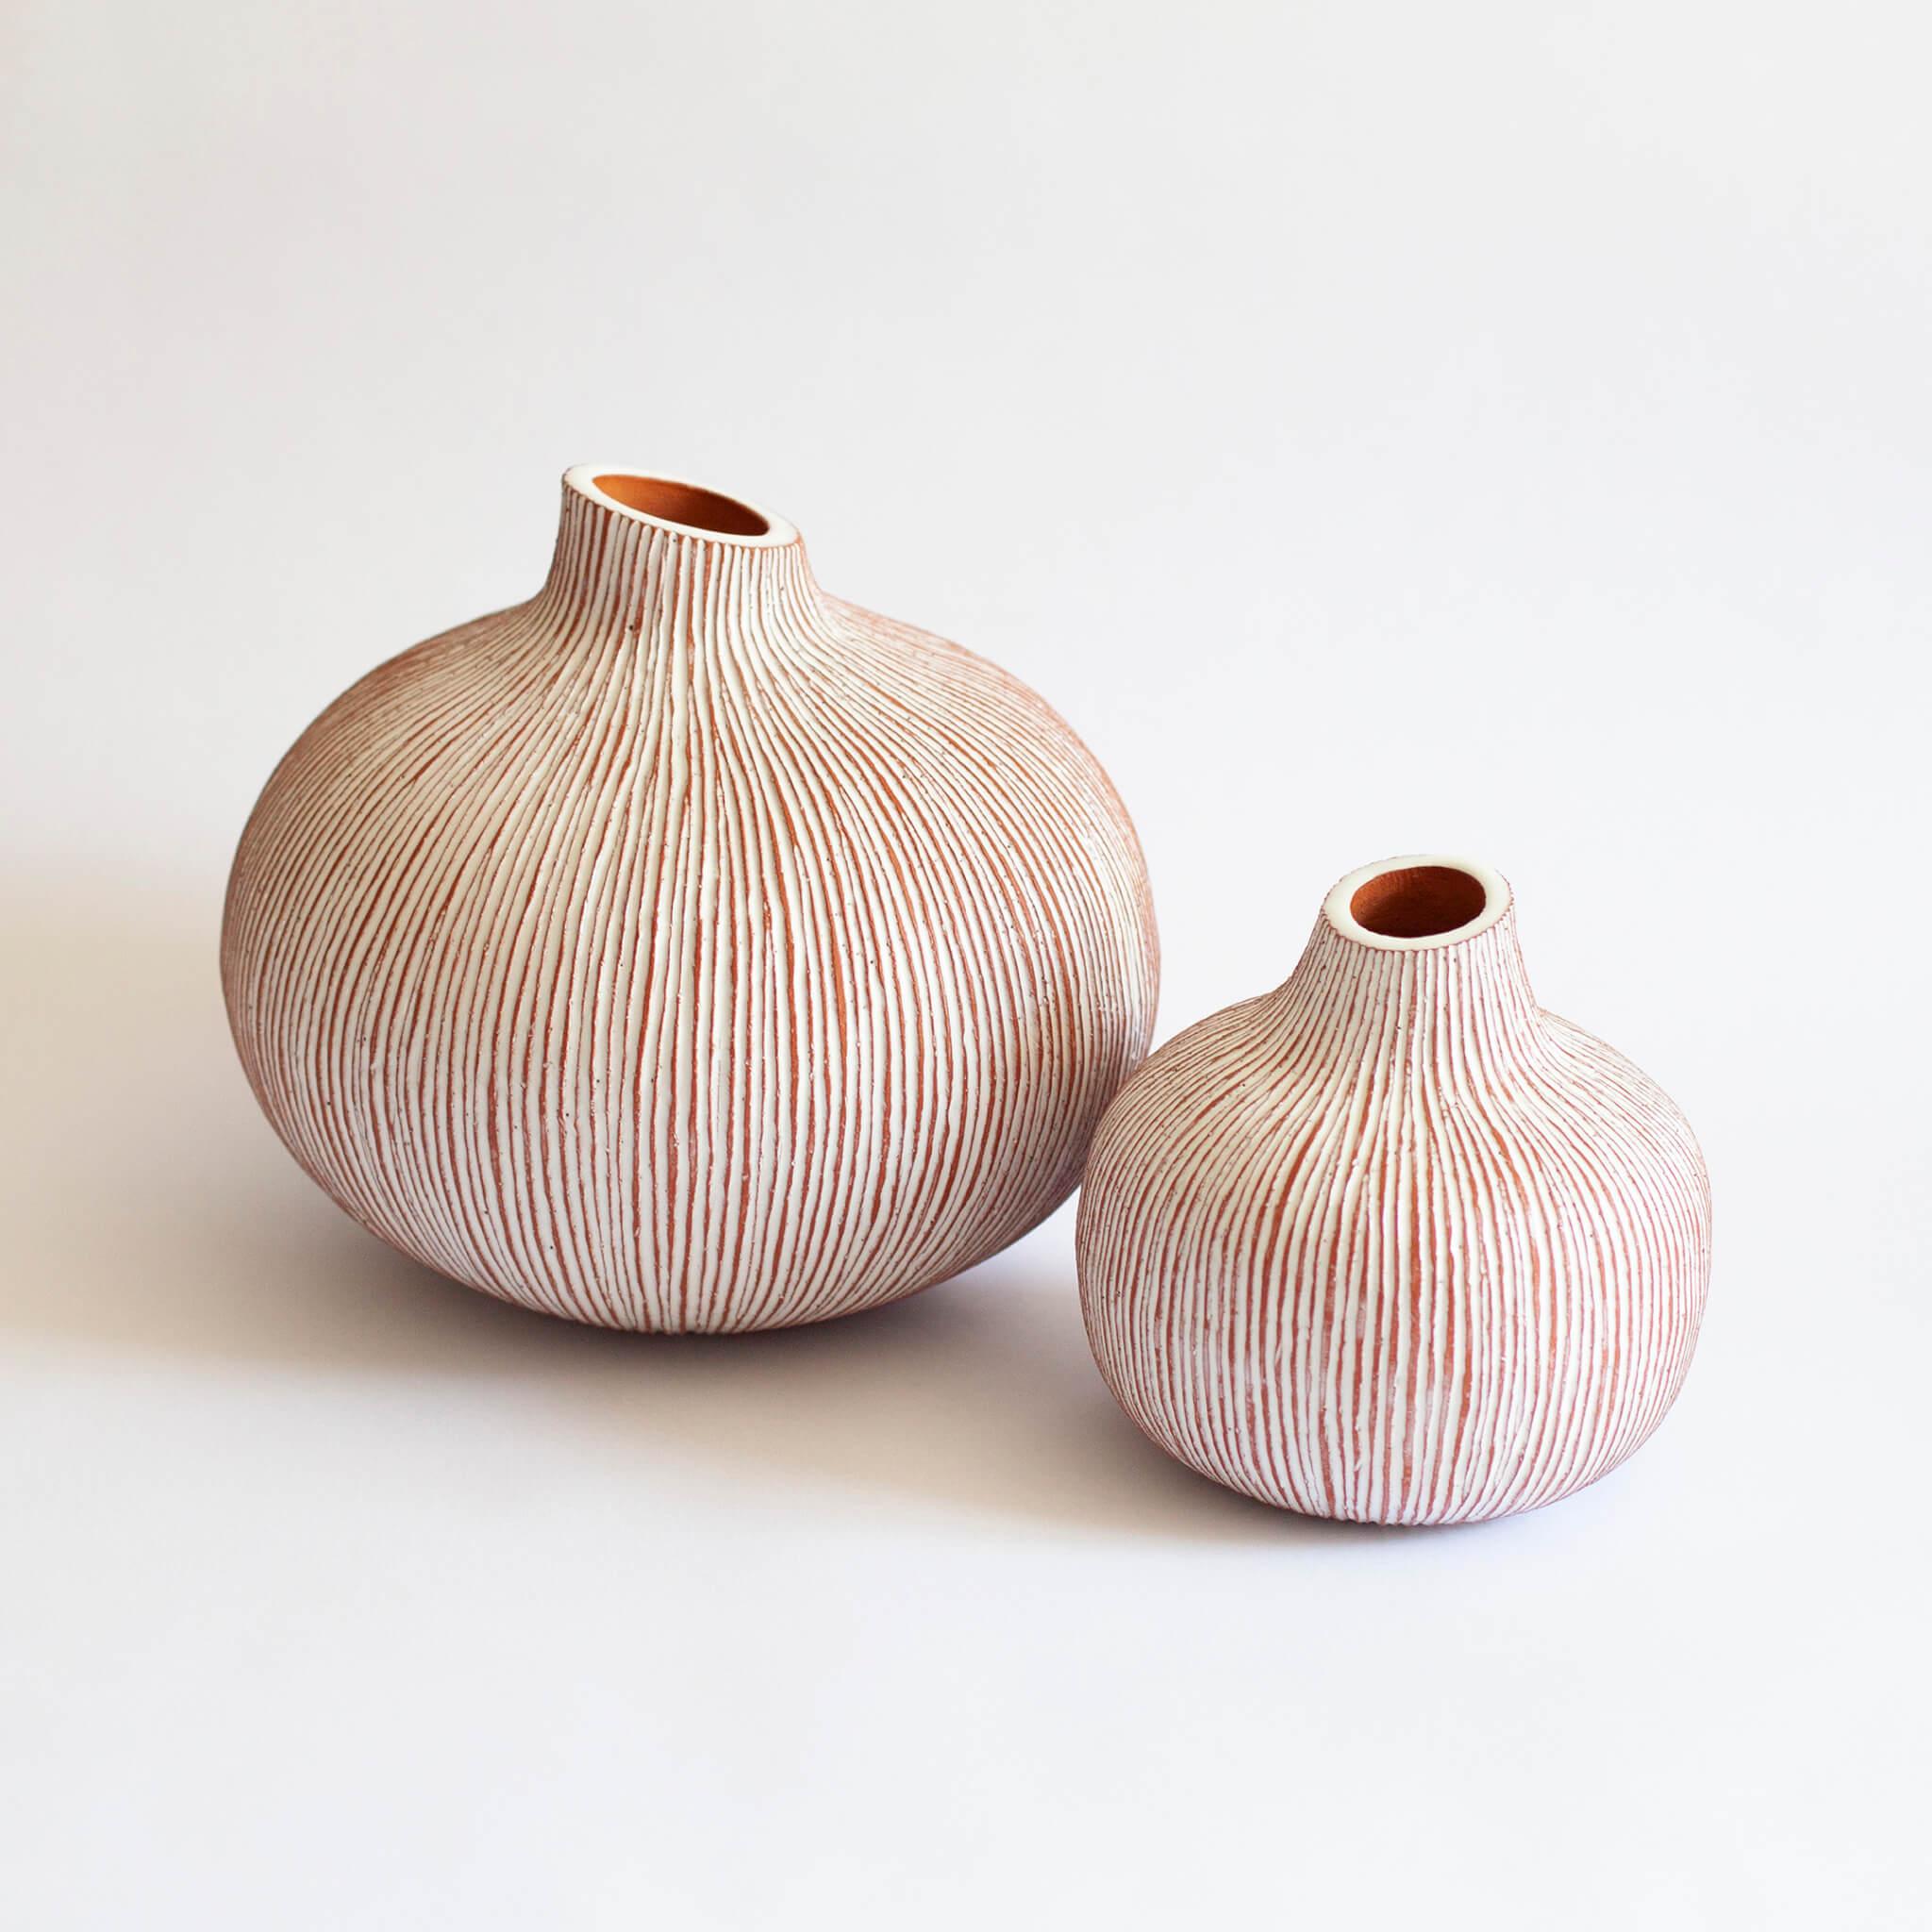 Elena Milani Arti Visive e Design